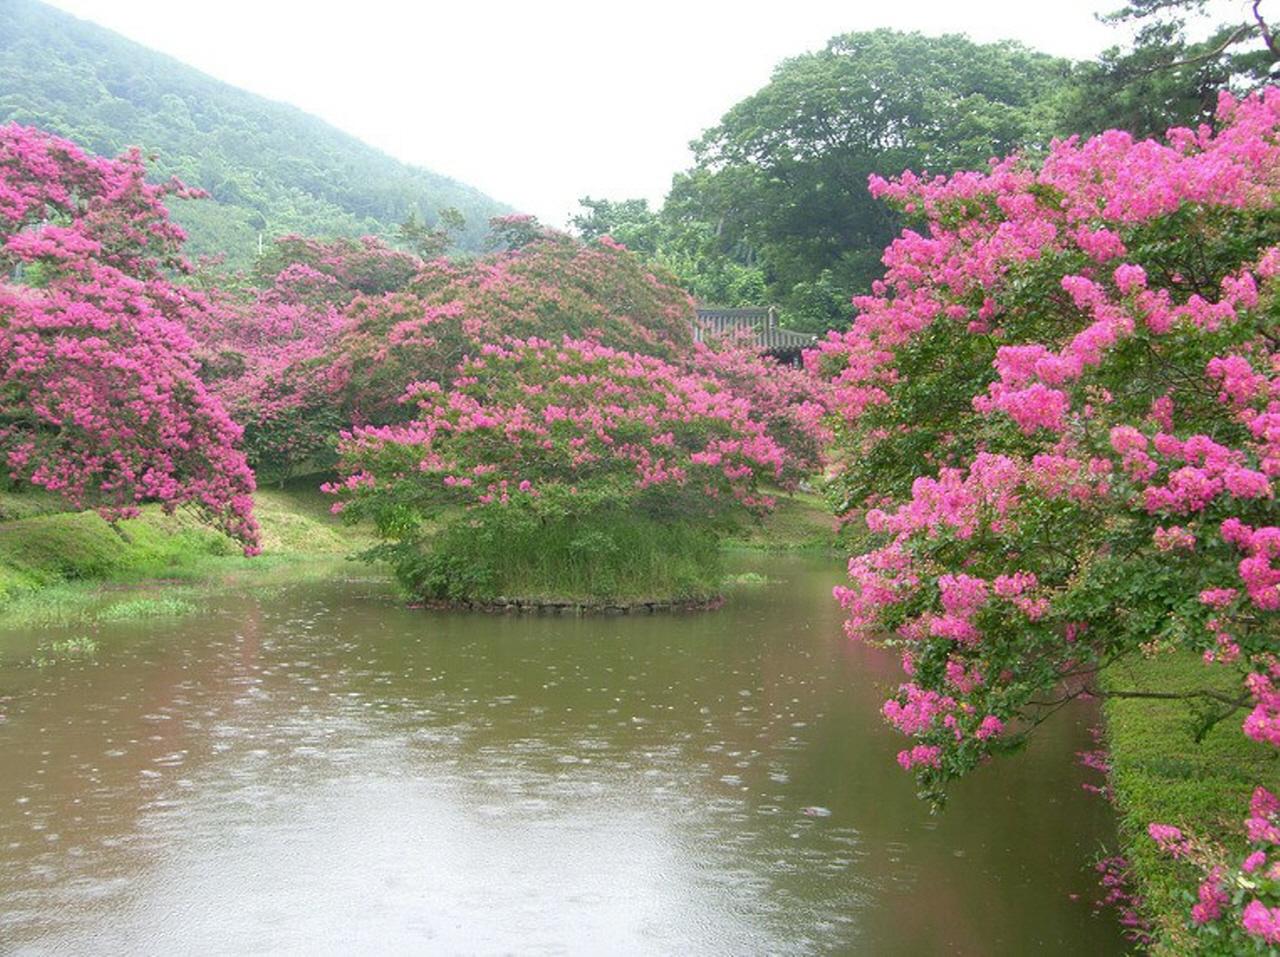 정자 아래 연못 주변의 배롱나무꽃이 만개했다. 연못 가운데 둥그런 섬에도 배롱꽃이 활짝 피었다. 명옥헌 원림의 풍경 중에서 가장 아름다운 곳이다. 네모난 연못 가운데 둥그런 섬을 만들어 놓았다.'천원지방(天圓地方)' 즉,'하늘은 둥글고 땅은 모나다'고 여기는 옛사람들의 우주관을 반영하고 있다.